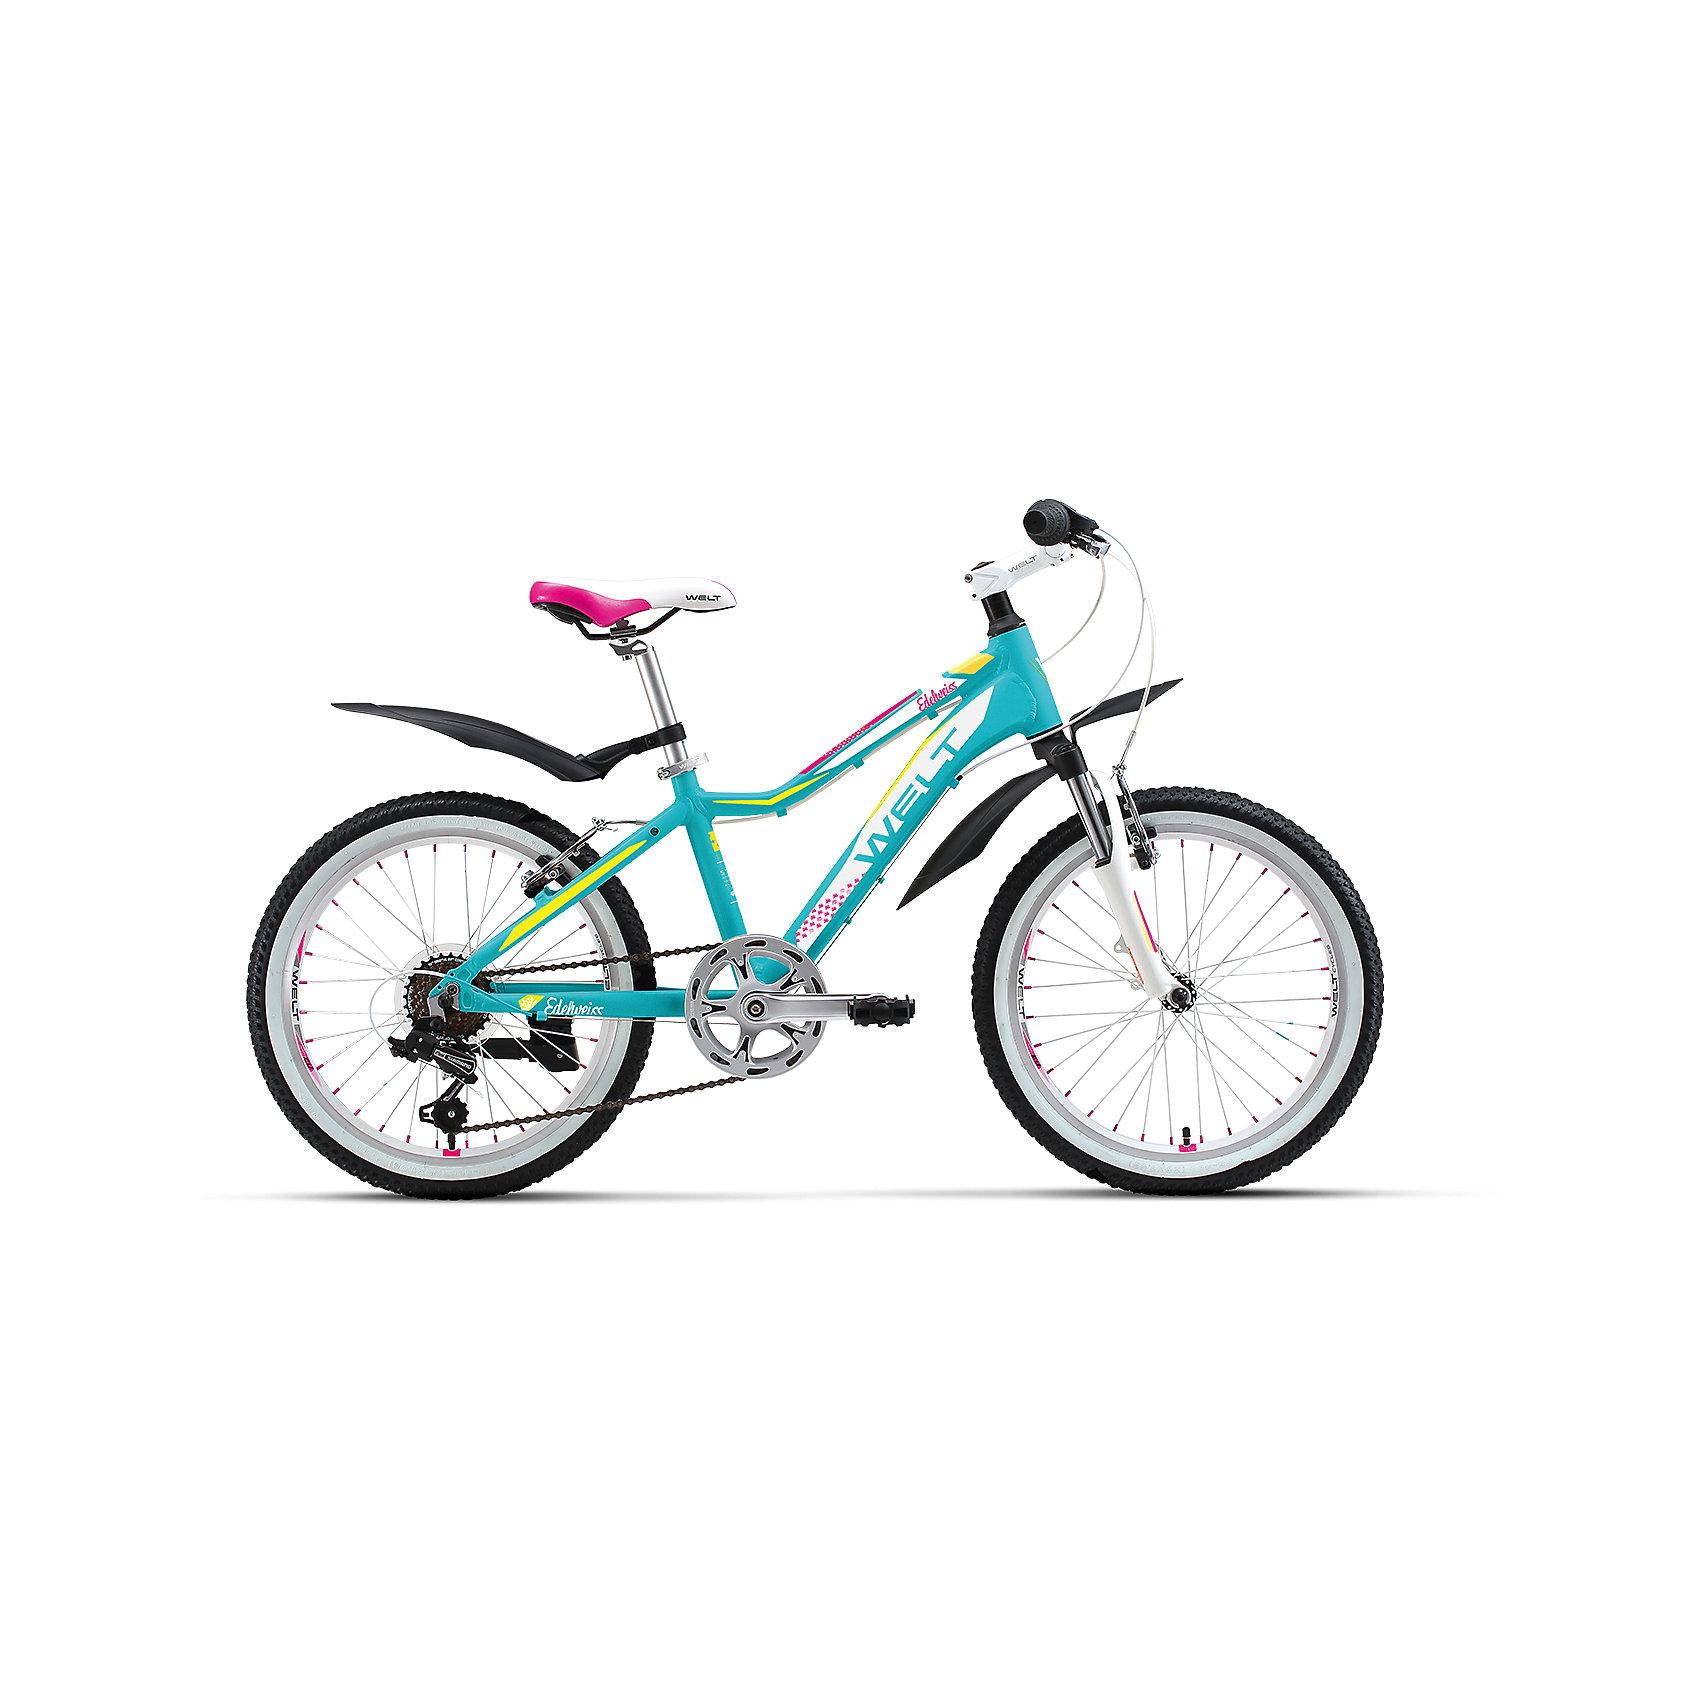 Велосипед  Edelweiss 20, сетло-голубо-белый, WeltВелосипеды детские<br>Характеристики товара: <br><br>•  цвет: белый, голубой <br>•  Рама: Alloy 6061(алюминий)<br>•  Диаметр колес: 20<br>•  7 скоростей<br>•  вилка: амортизационная (WELT ES-245 73 mm)<br>•  задний переключатель: Shimano TY-21<br>•  шифтеры: Shimano RS-35 R 7spd<br>•  тип тормозов: V-brake (CB-141)<br>• система: 42/34/24 T 152mm<br>•  каретка: semi-cartridge<br>• кассета: TriDaimond FW217B<br>• тип рулевой колонки: 1-1/8 безрезьбовая<br>• вынос: alloy, A-Head, 80mm<br>• руль: steel low rise Ф25,4 560mm<br>• ободья: alloy, double wall<br>• покрышки: Wanda P1197 20x1,95<br>• втулки: YS w/QR<br>• подседельный штырь: steel Ф27,2 300mm<br>• цепь: KMC Z33<br>• подножка: боковая, к раме<br>• крылья: якорь/подседельник<br>• вес 16.5 кг. <br>• размер: 145х20х80см. <br><br>Отличный выбор для ребенка возрастной группы  4-8 лет. <br>Алюминиевая рама с трубами сложного сечения обеспечивает высочайший уровень безопасности. <br>Яркие расцветки и стильные дополнительные элементы никого не оставят равнодушными. <br><br>Велосипед  Edelweiss 20 можно купить в нашем интернет-магазине.<br><br>Ширина мм: 1450<br>Глубина мм: 200<br>Высота мм: 800<br>Вес г: 16500<br>Возраст от месяцев: 72<br>Возраст до месяцев: 132<br>Пол: Унисекс<br>Возраст: Детский<br>SKU: 5569409